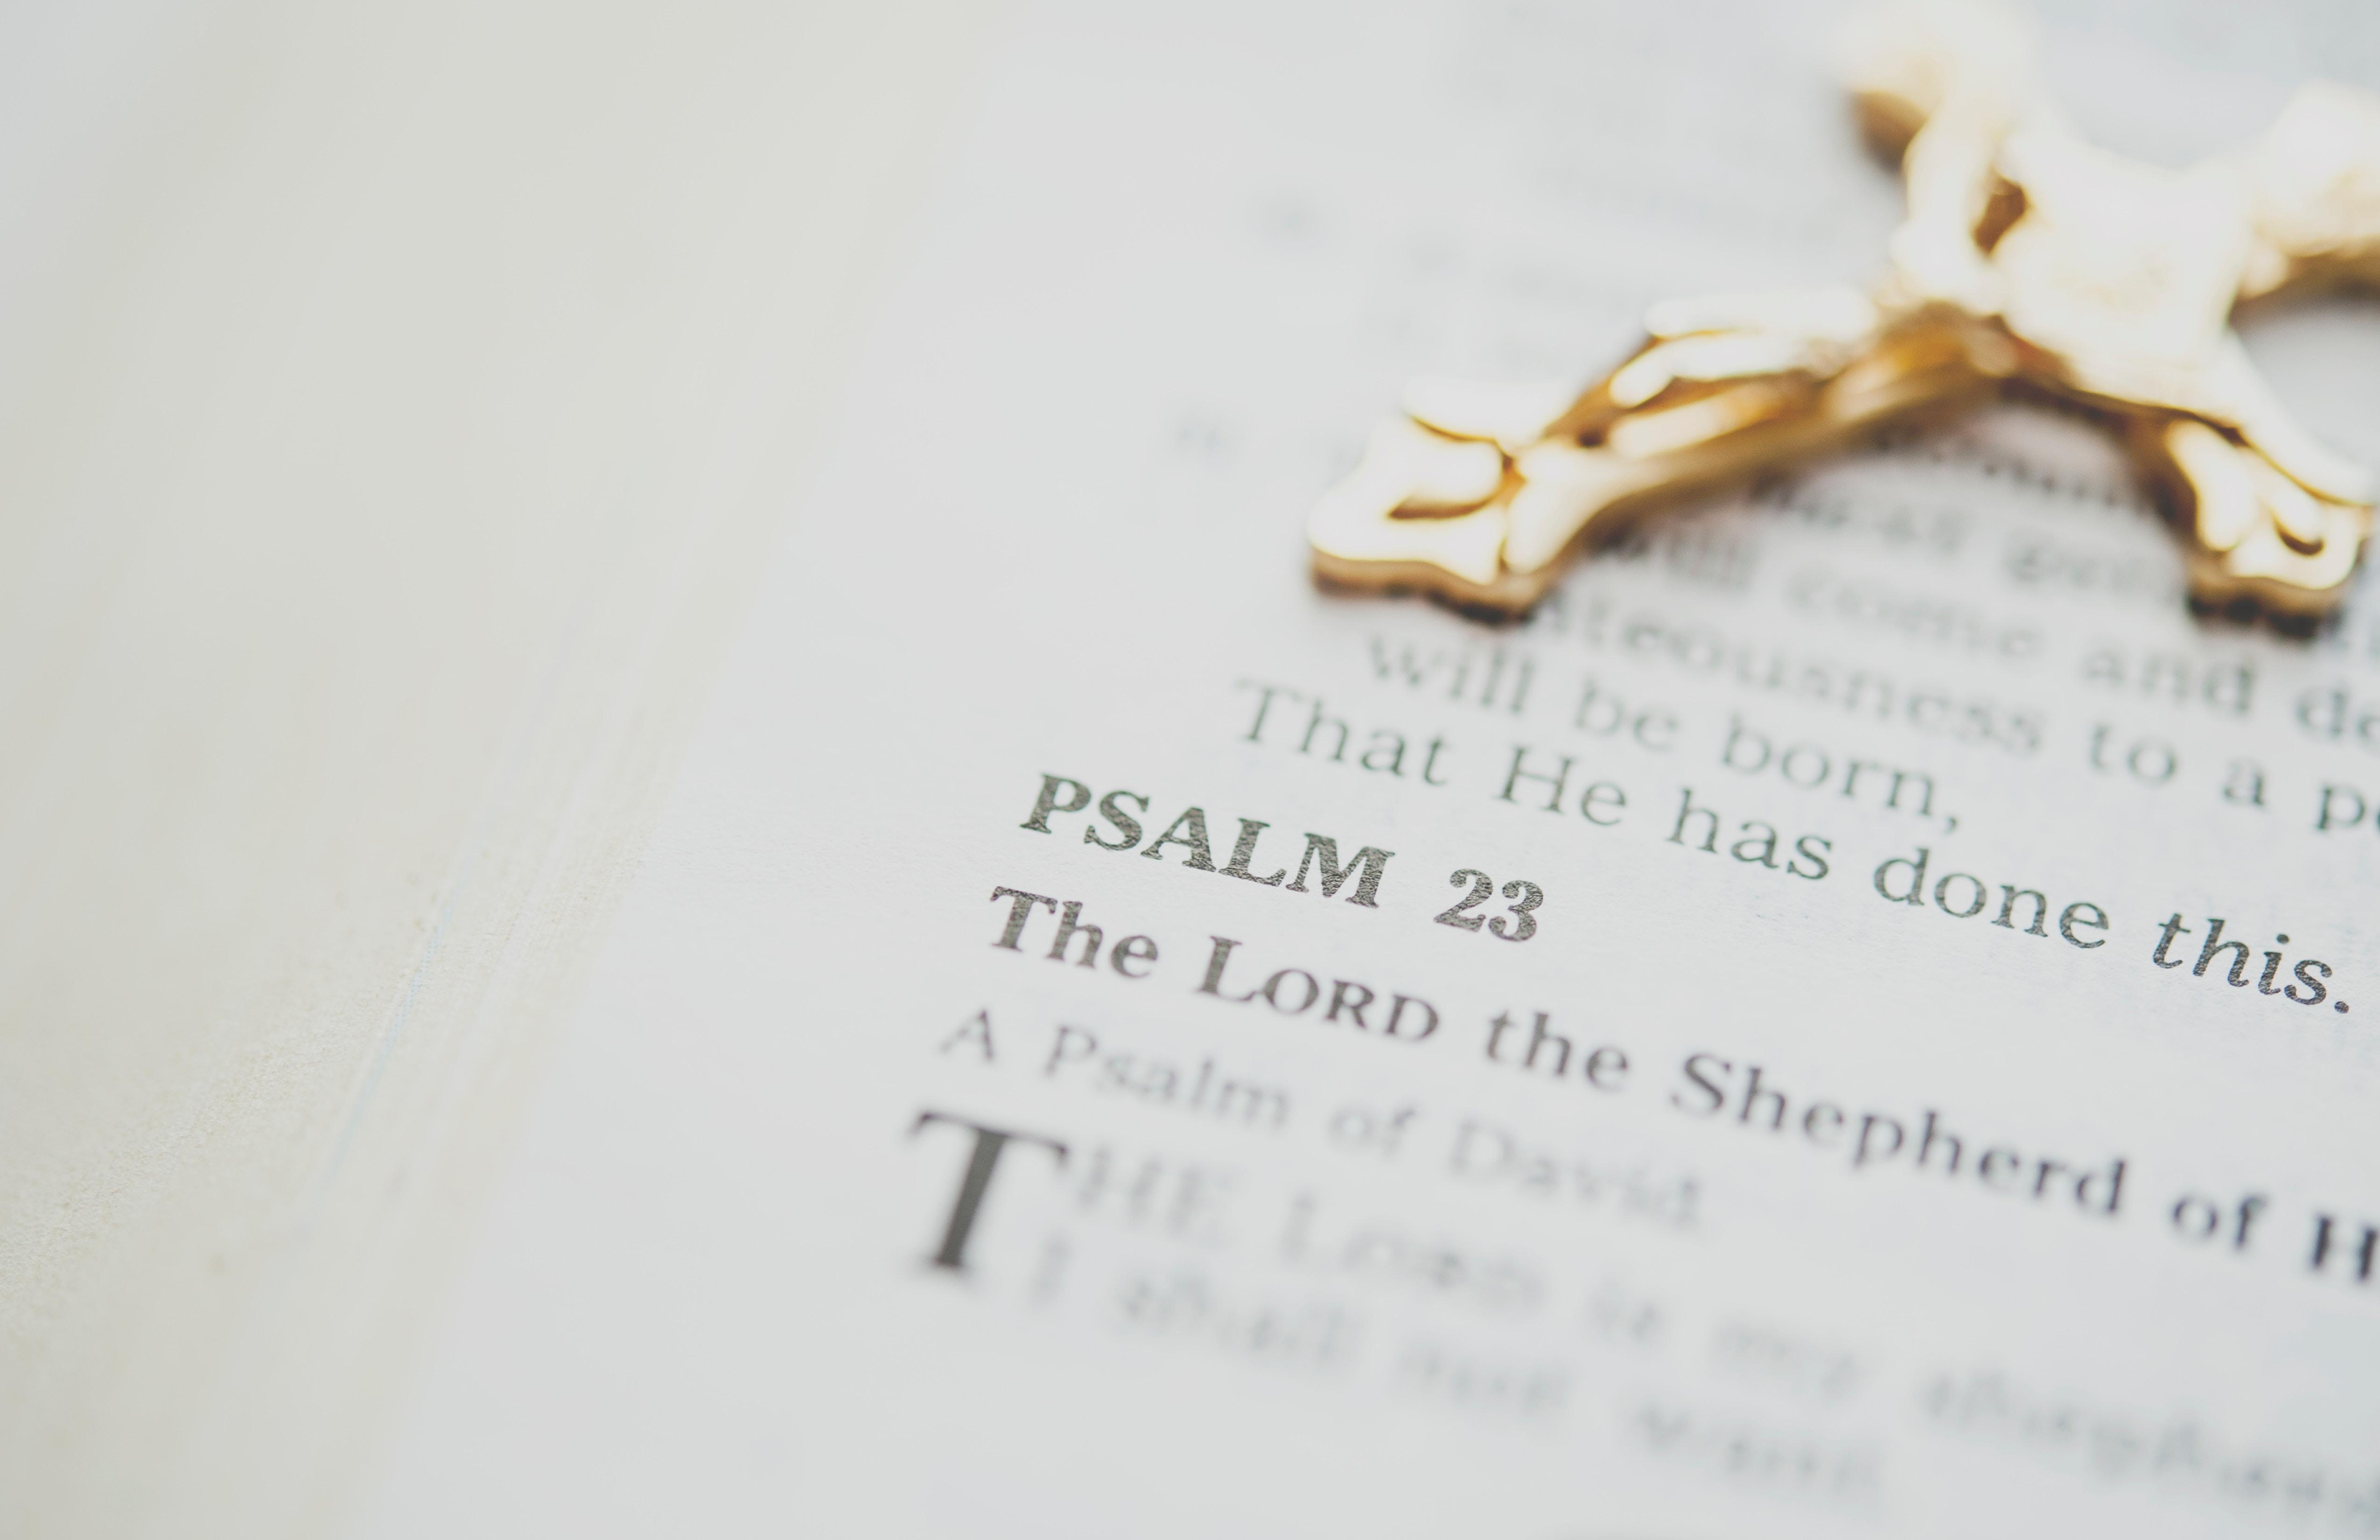 Psalm 23 - Photo by Katherine Hanlon on Unsplash